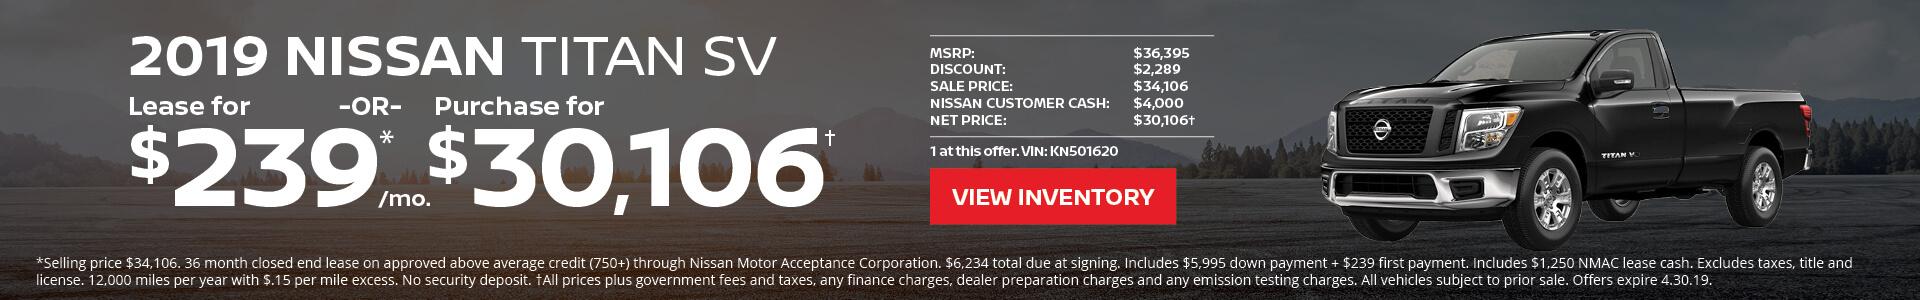 Nissan Titan $239 Lease